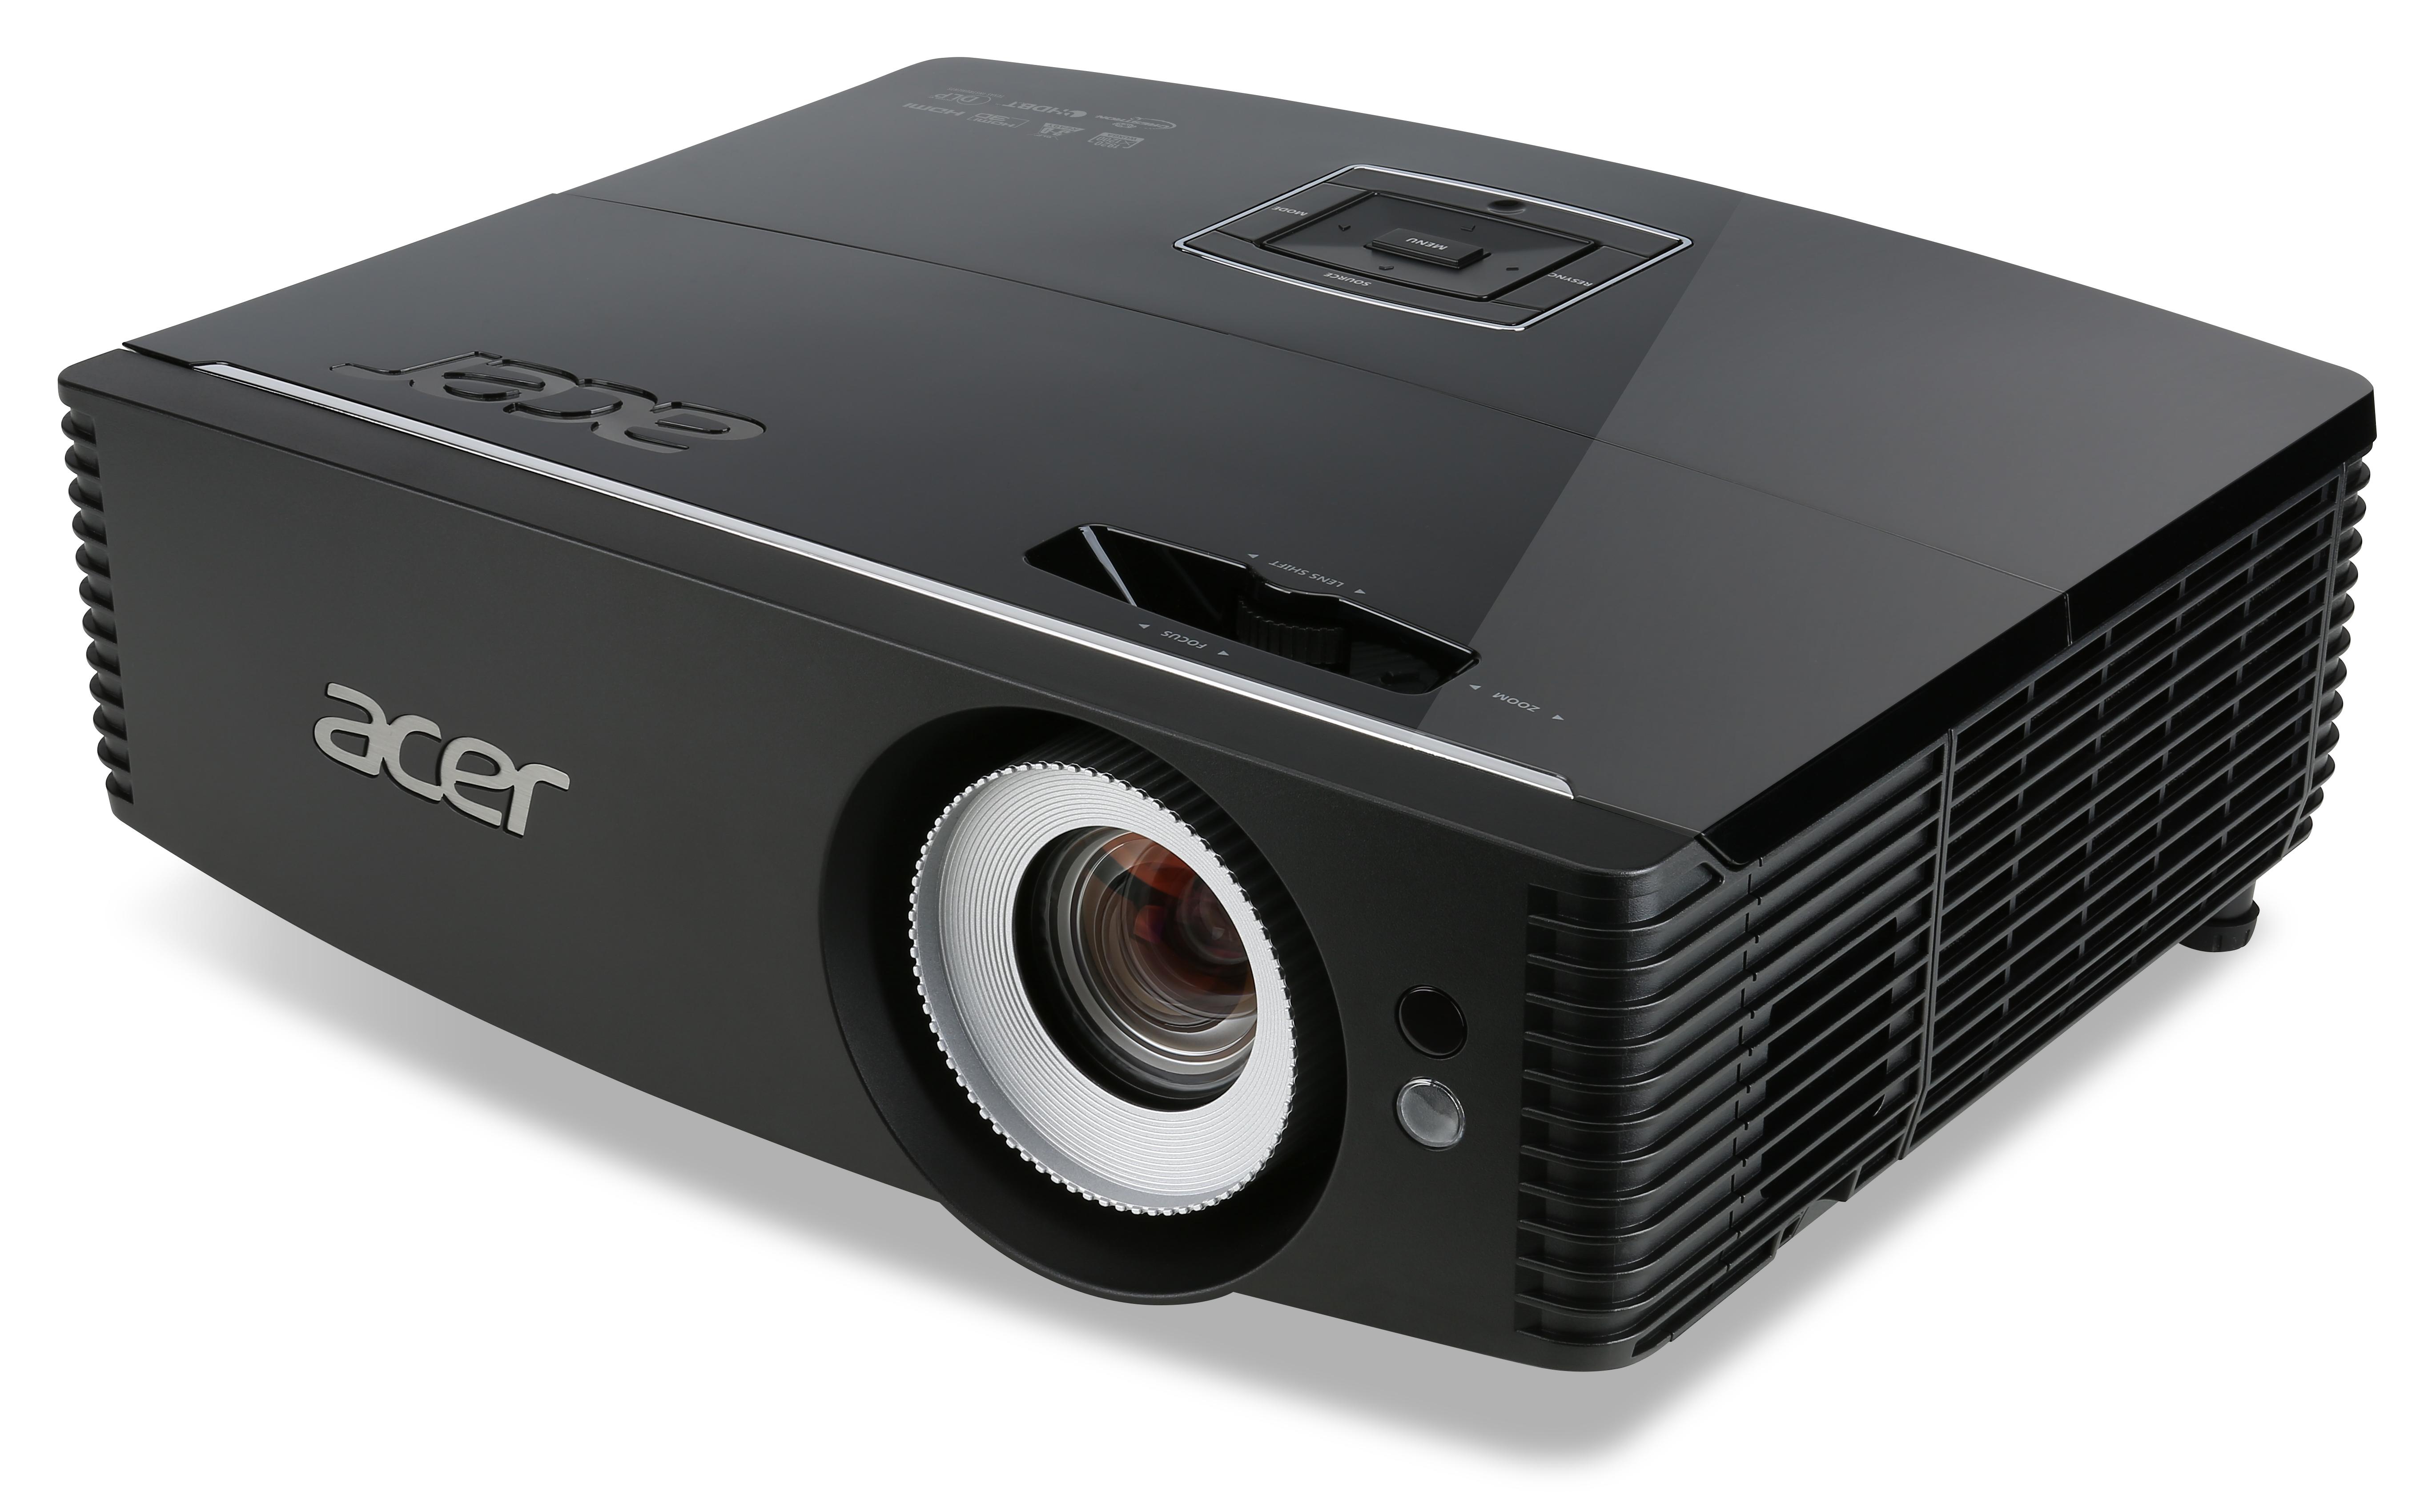 Projektoren für Office-Worker: P6600 von Acer